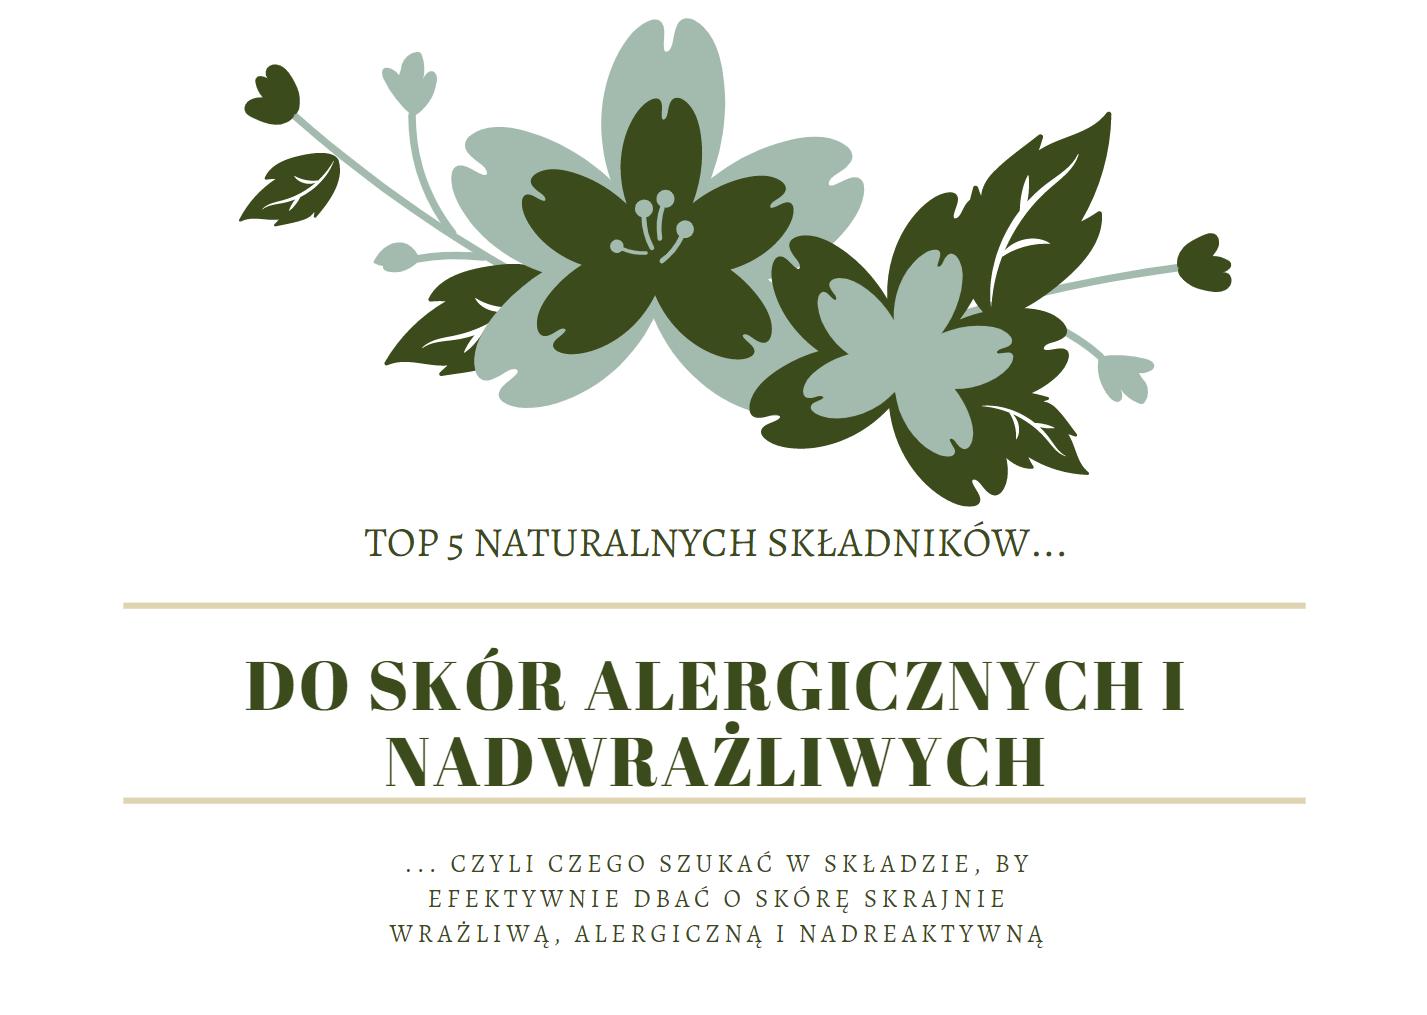 Najlepsze, naturalne składniki do skór alergicznych i nadwrażliwych - TOP 5